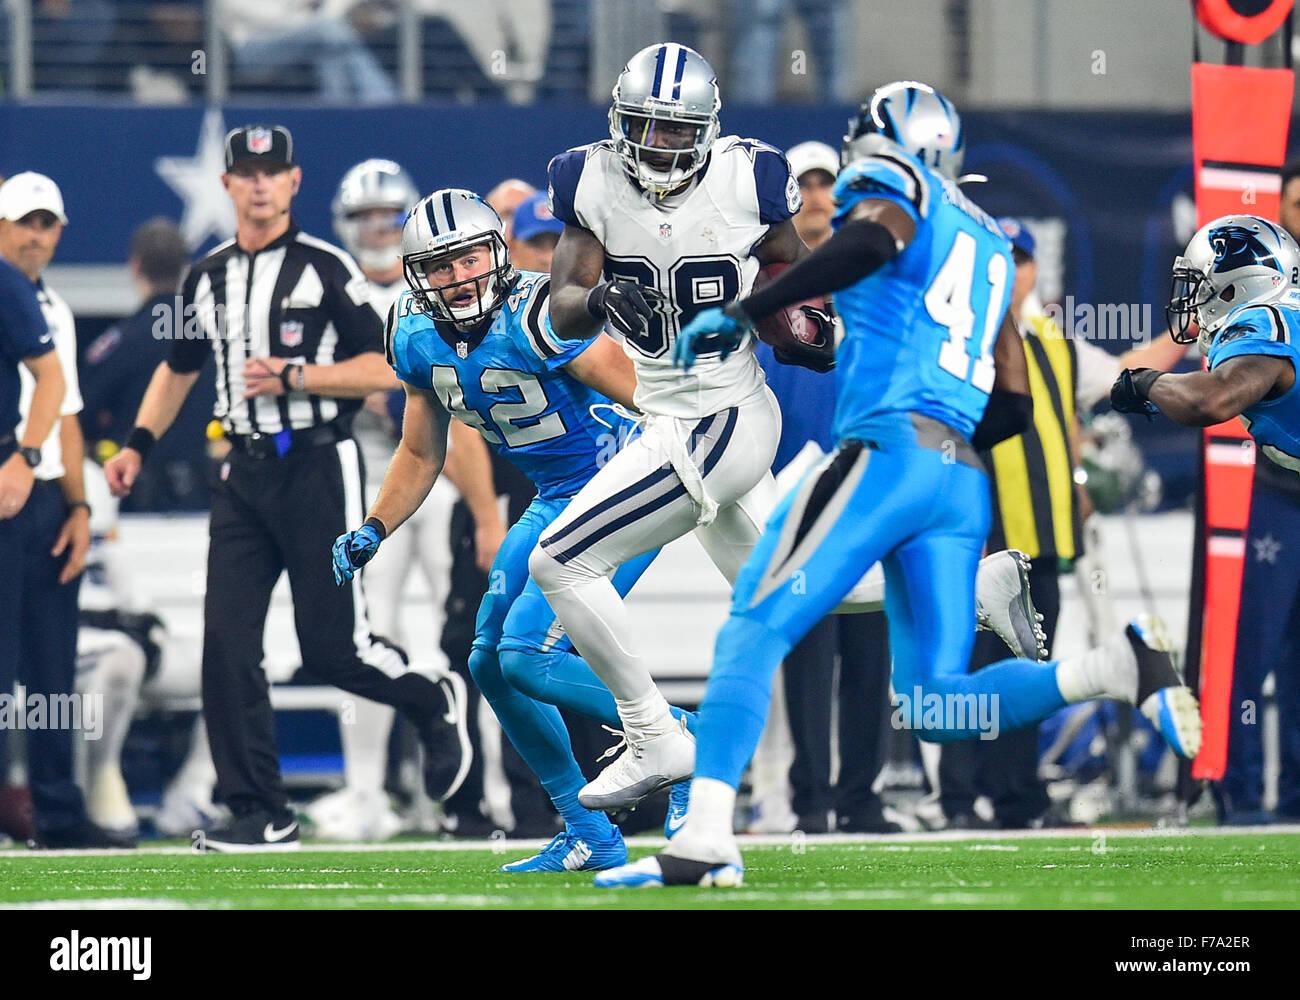 Arlington Texas Usa 26th November 2015 Dallas Cowboys